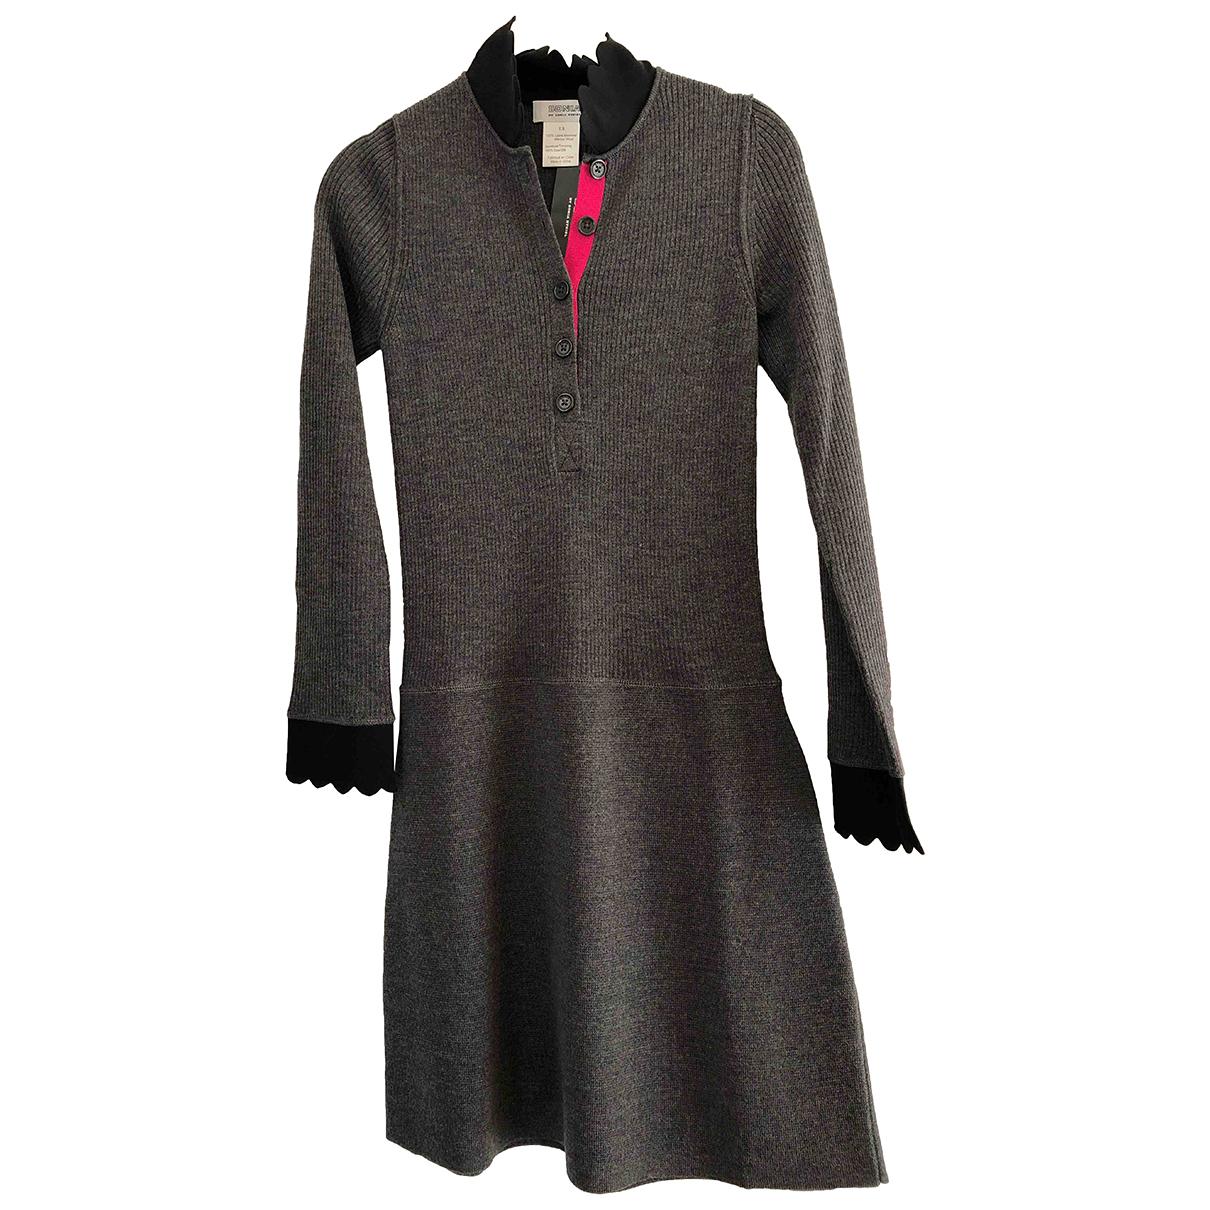 Sonia Rykiel \N Kleid in  Grau Wolle